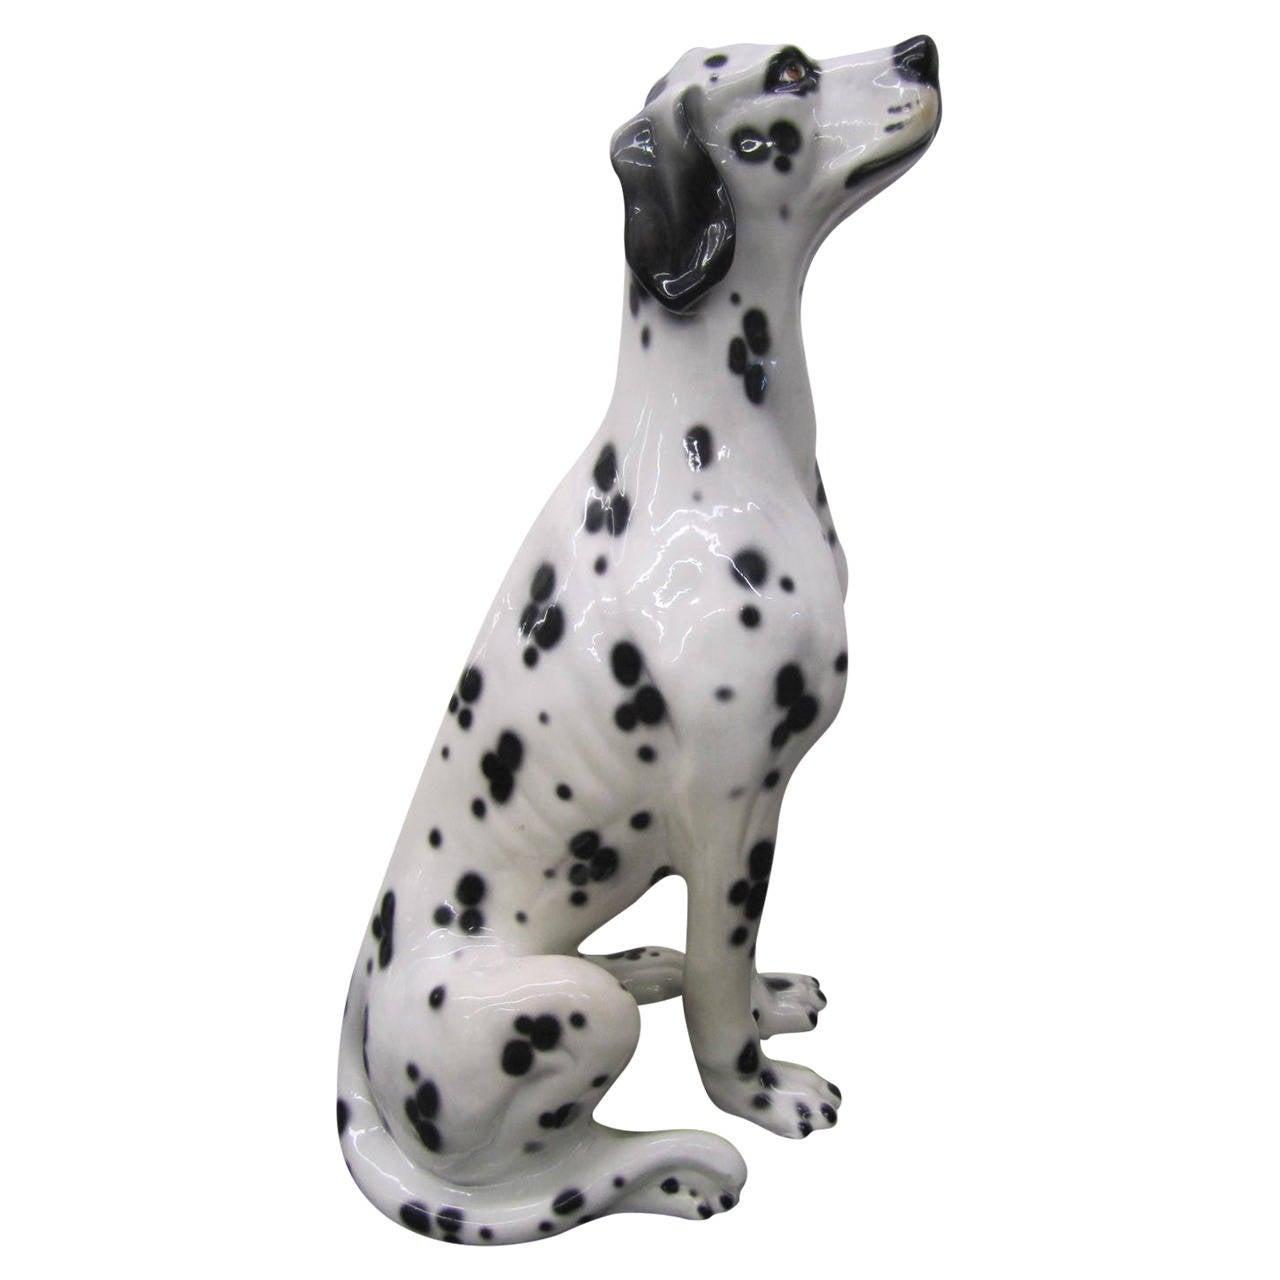 Life Size Ceramic Dog